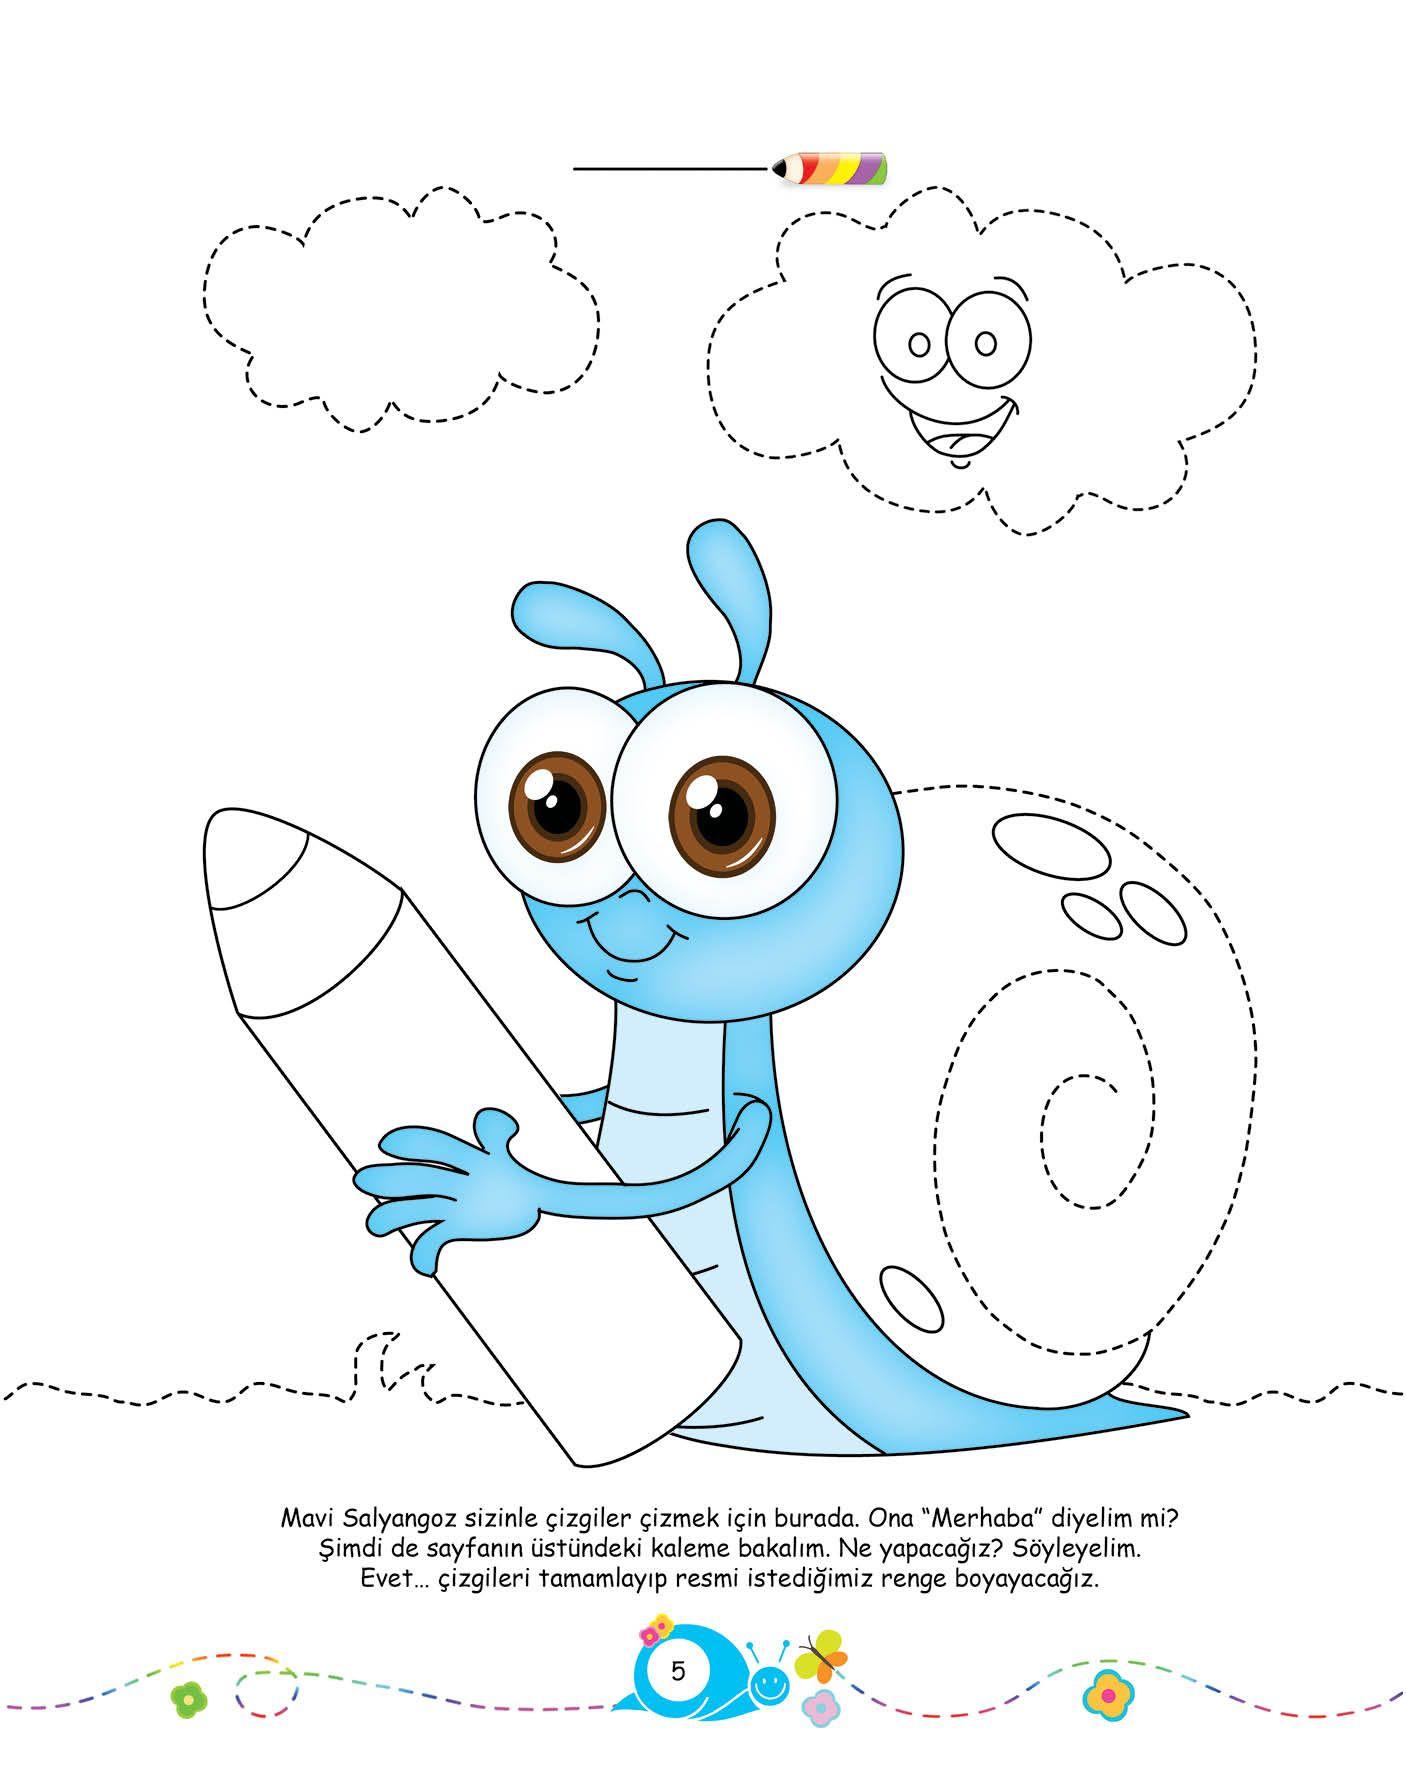 Okul öncesi Konu Anlatım Mavi Salyangoz Ile çizgiler çiziyorum 48